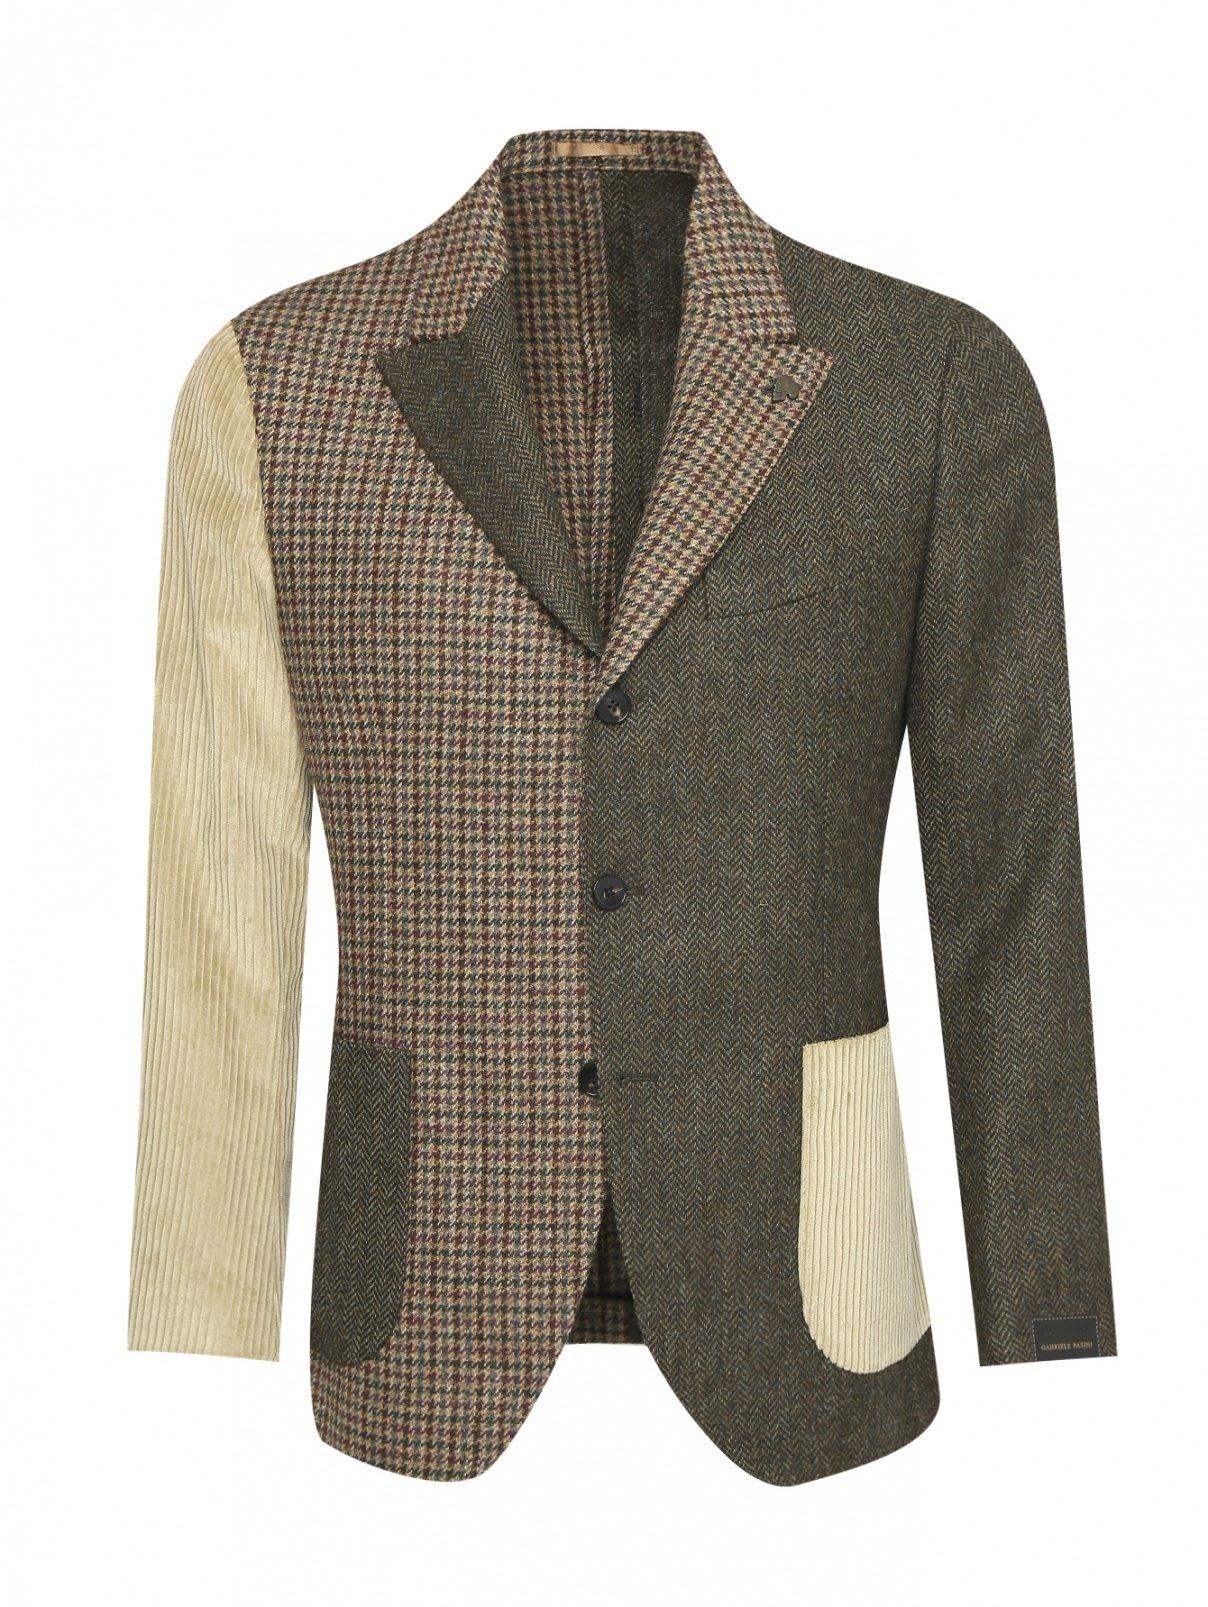 Пиджак однобортный из шерсти с узором Gabriele Pasini  –  Общий вид